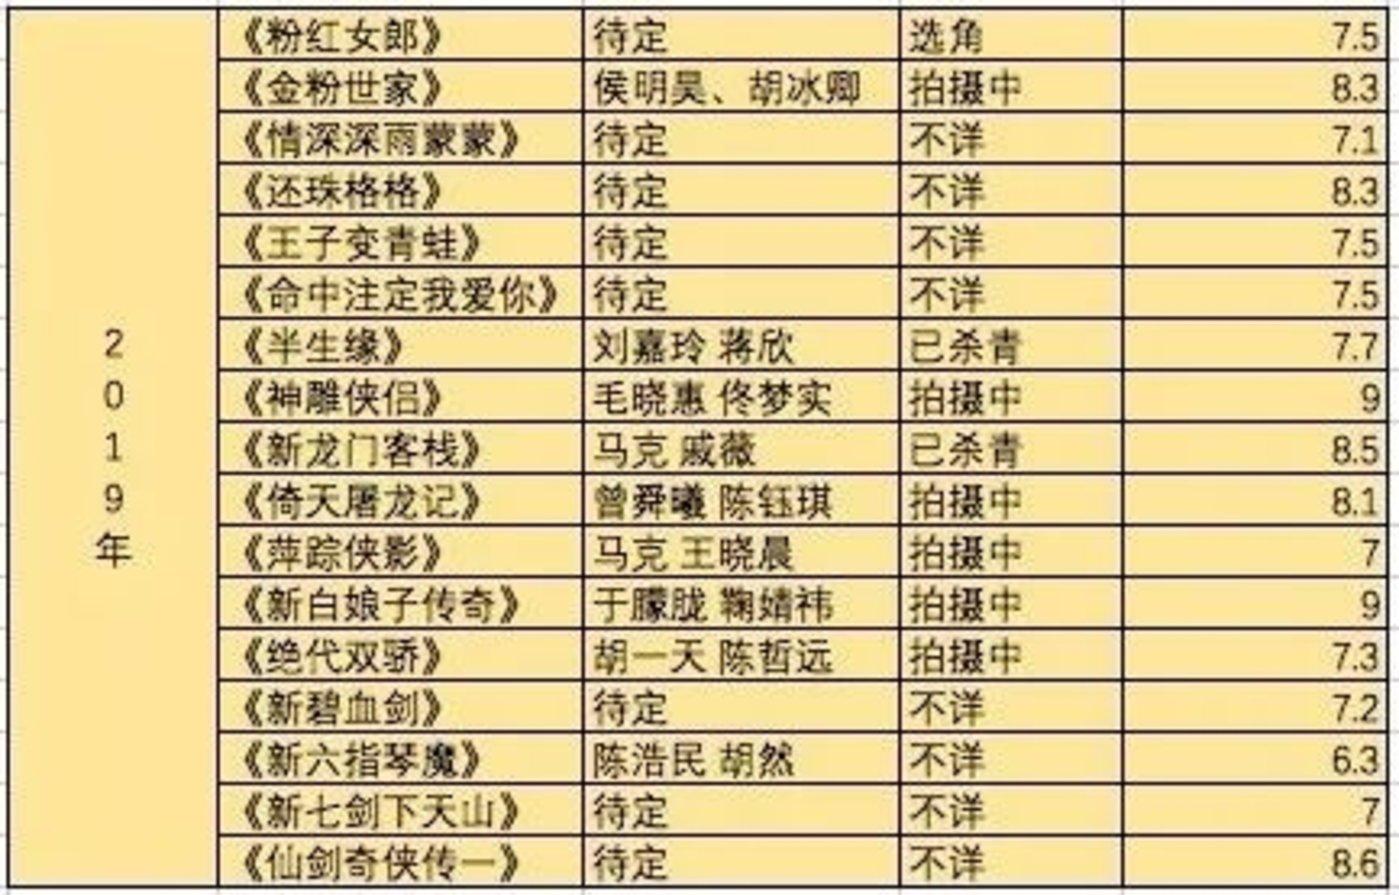 (2019年翻拍剧整理片单)